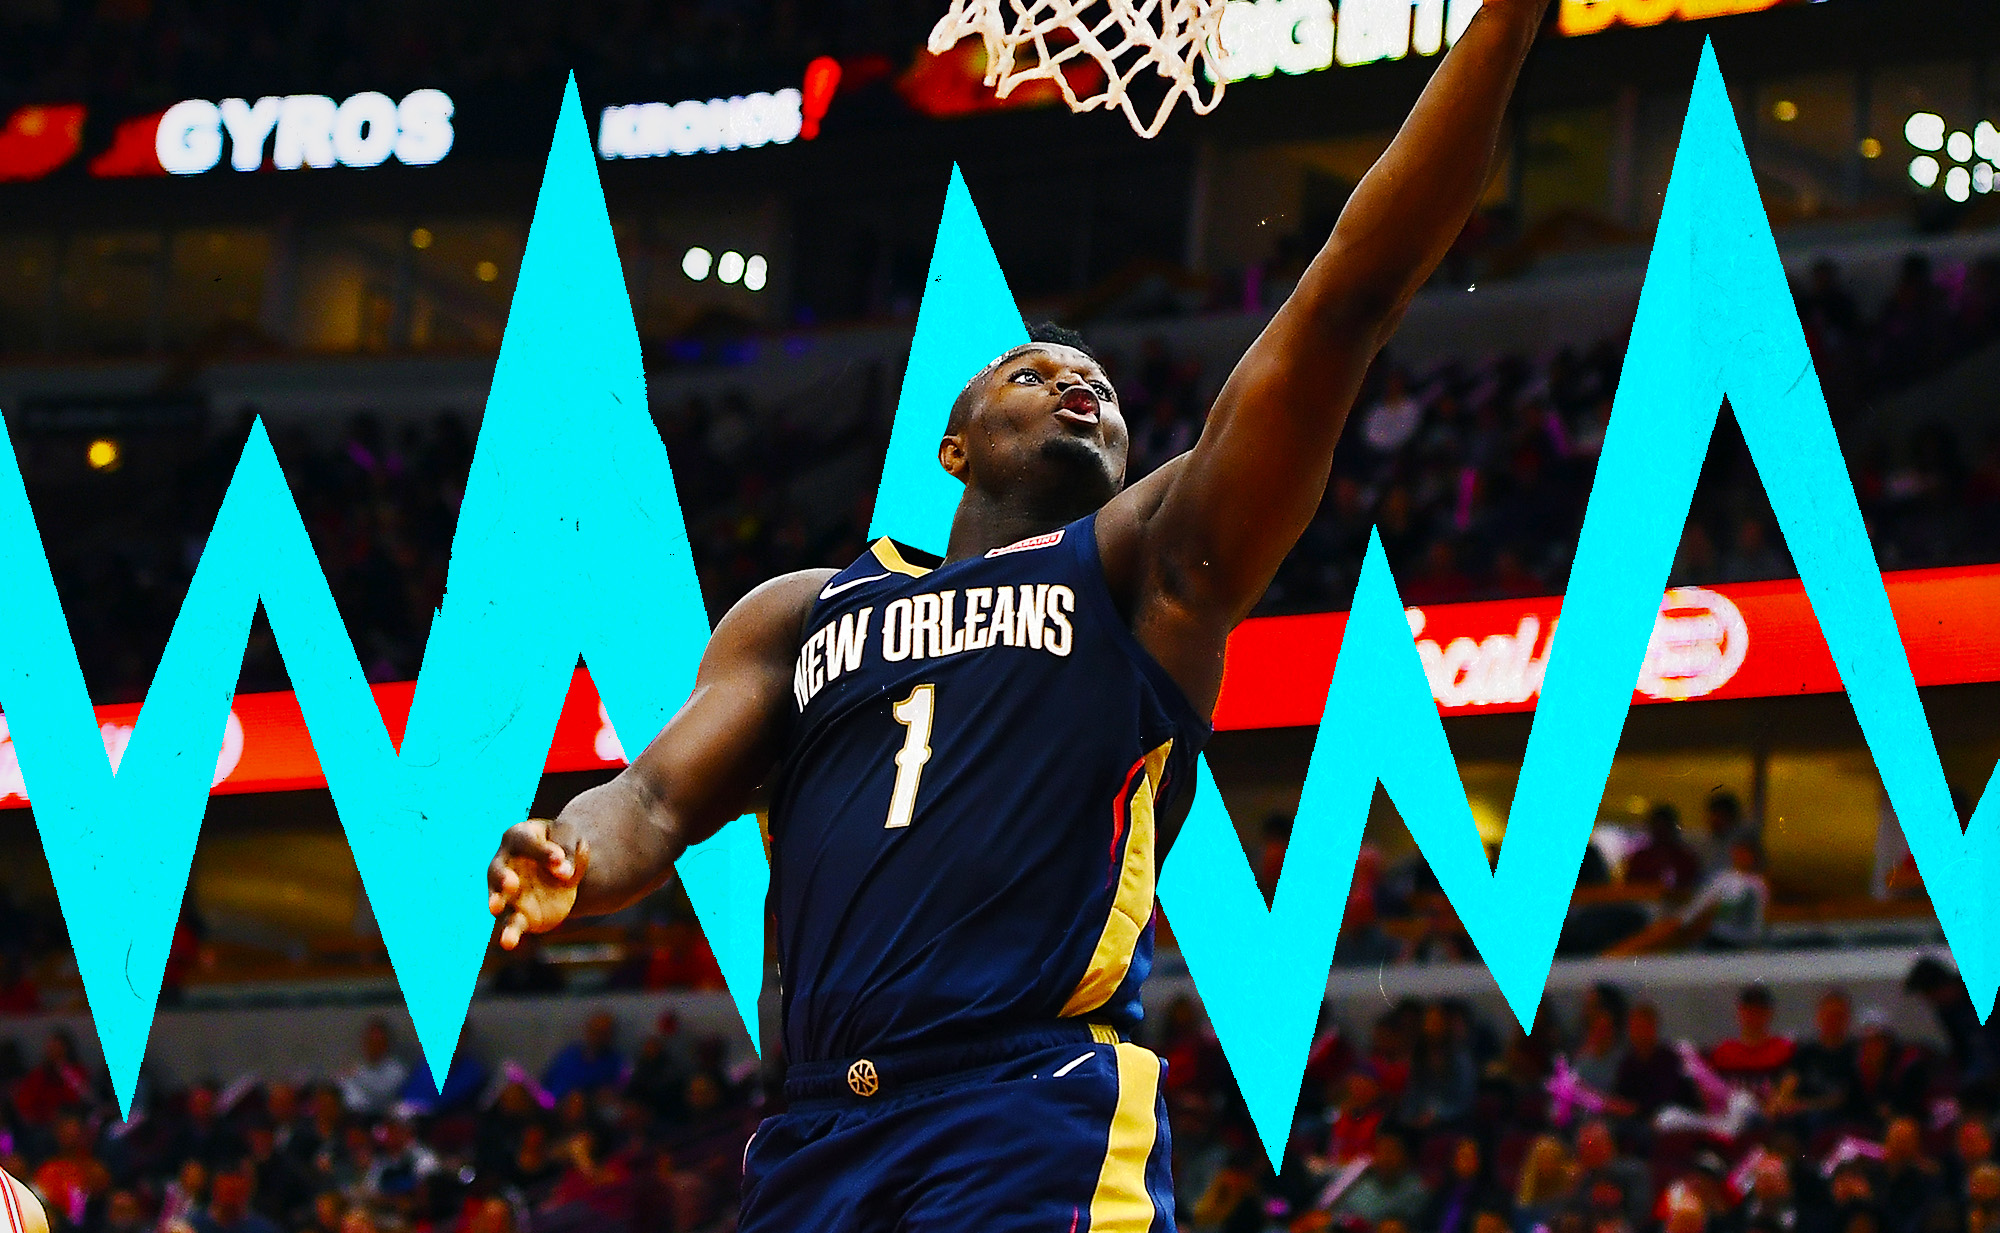 Zion Williamson soars for a layup in NBA preseason.